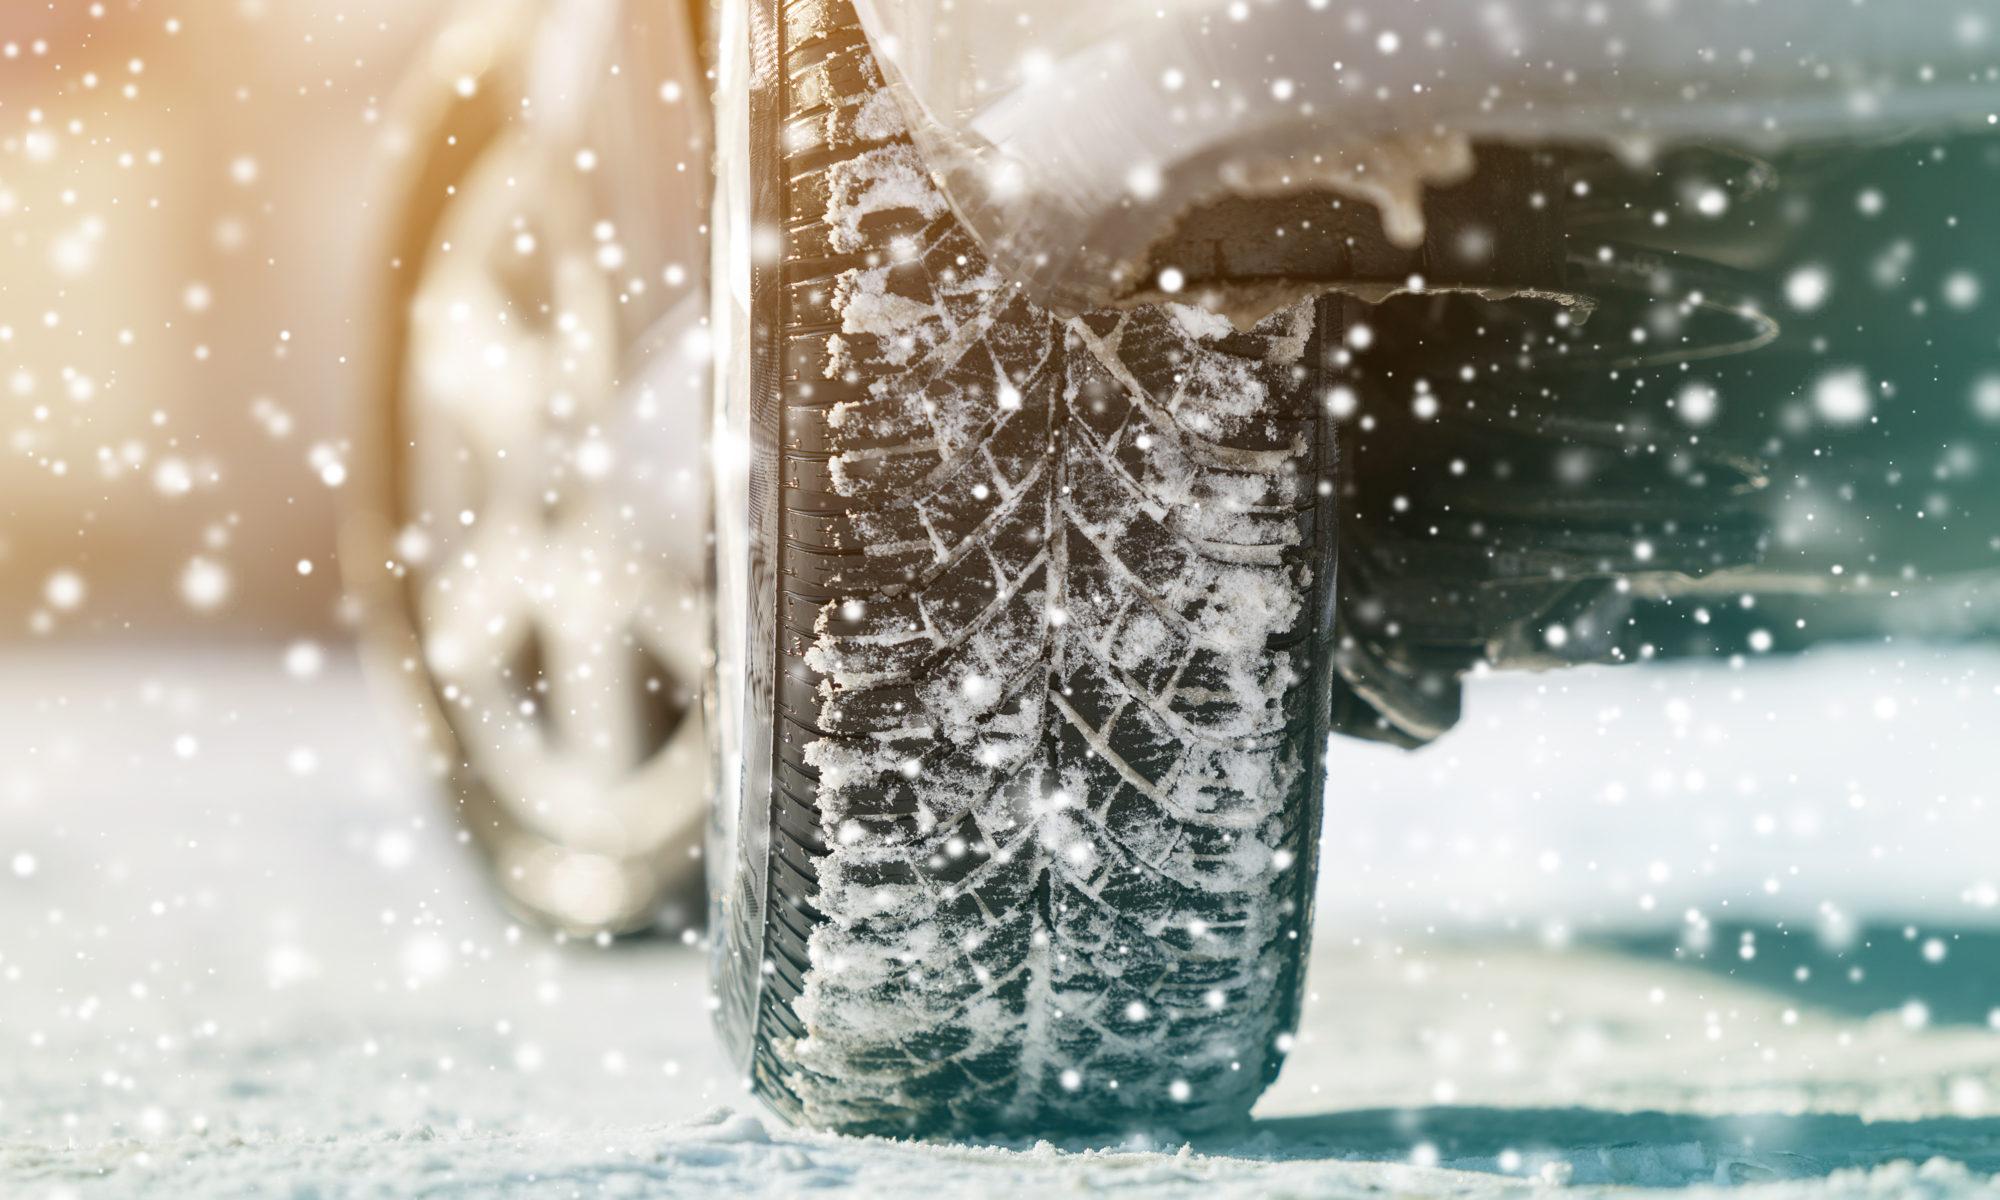 koła samochodu z oponami zimowymi w śniegu